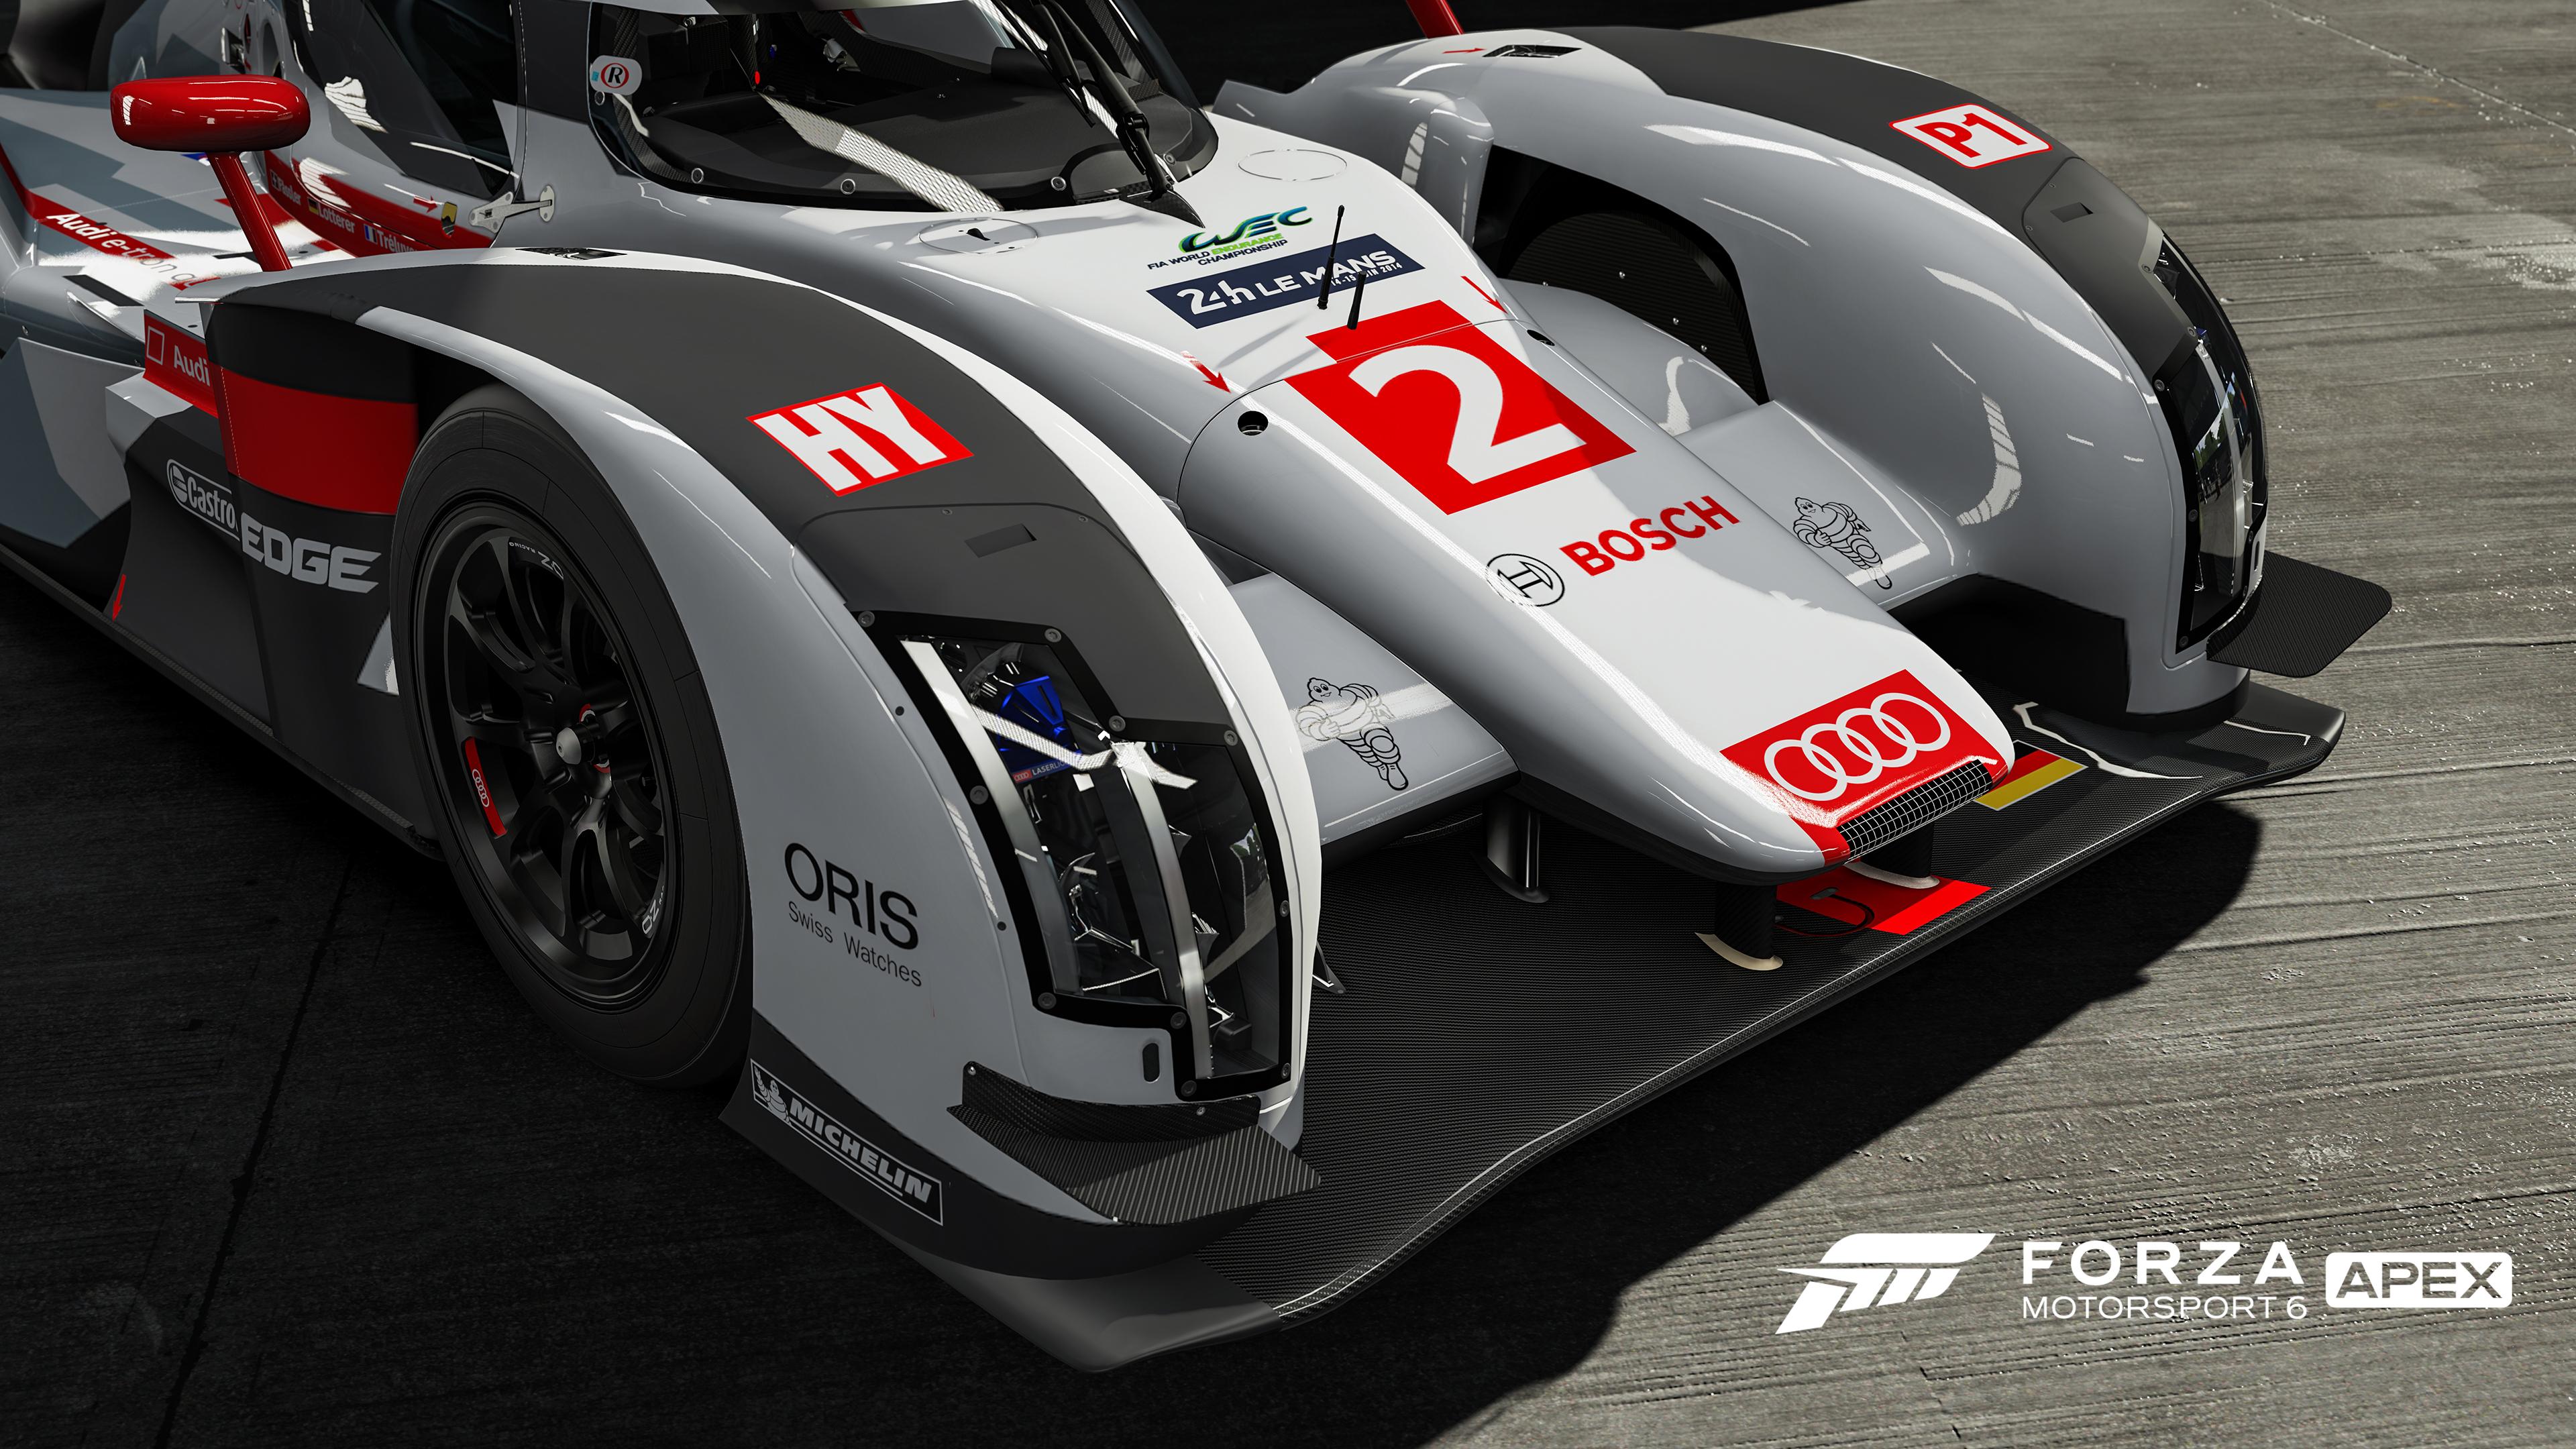 Forza6Apex_Announce_06_WM